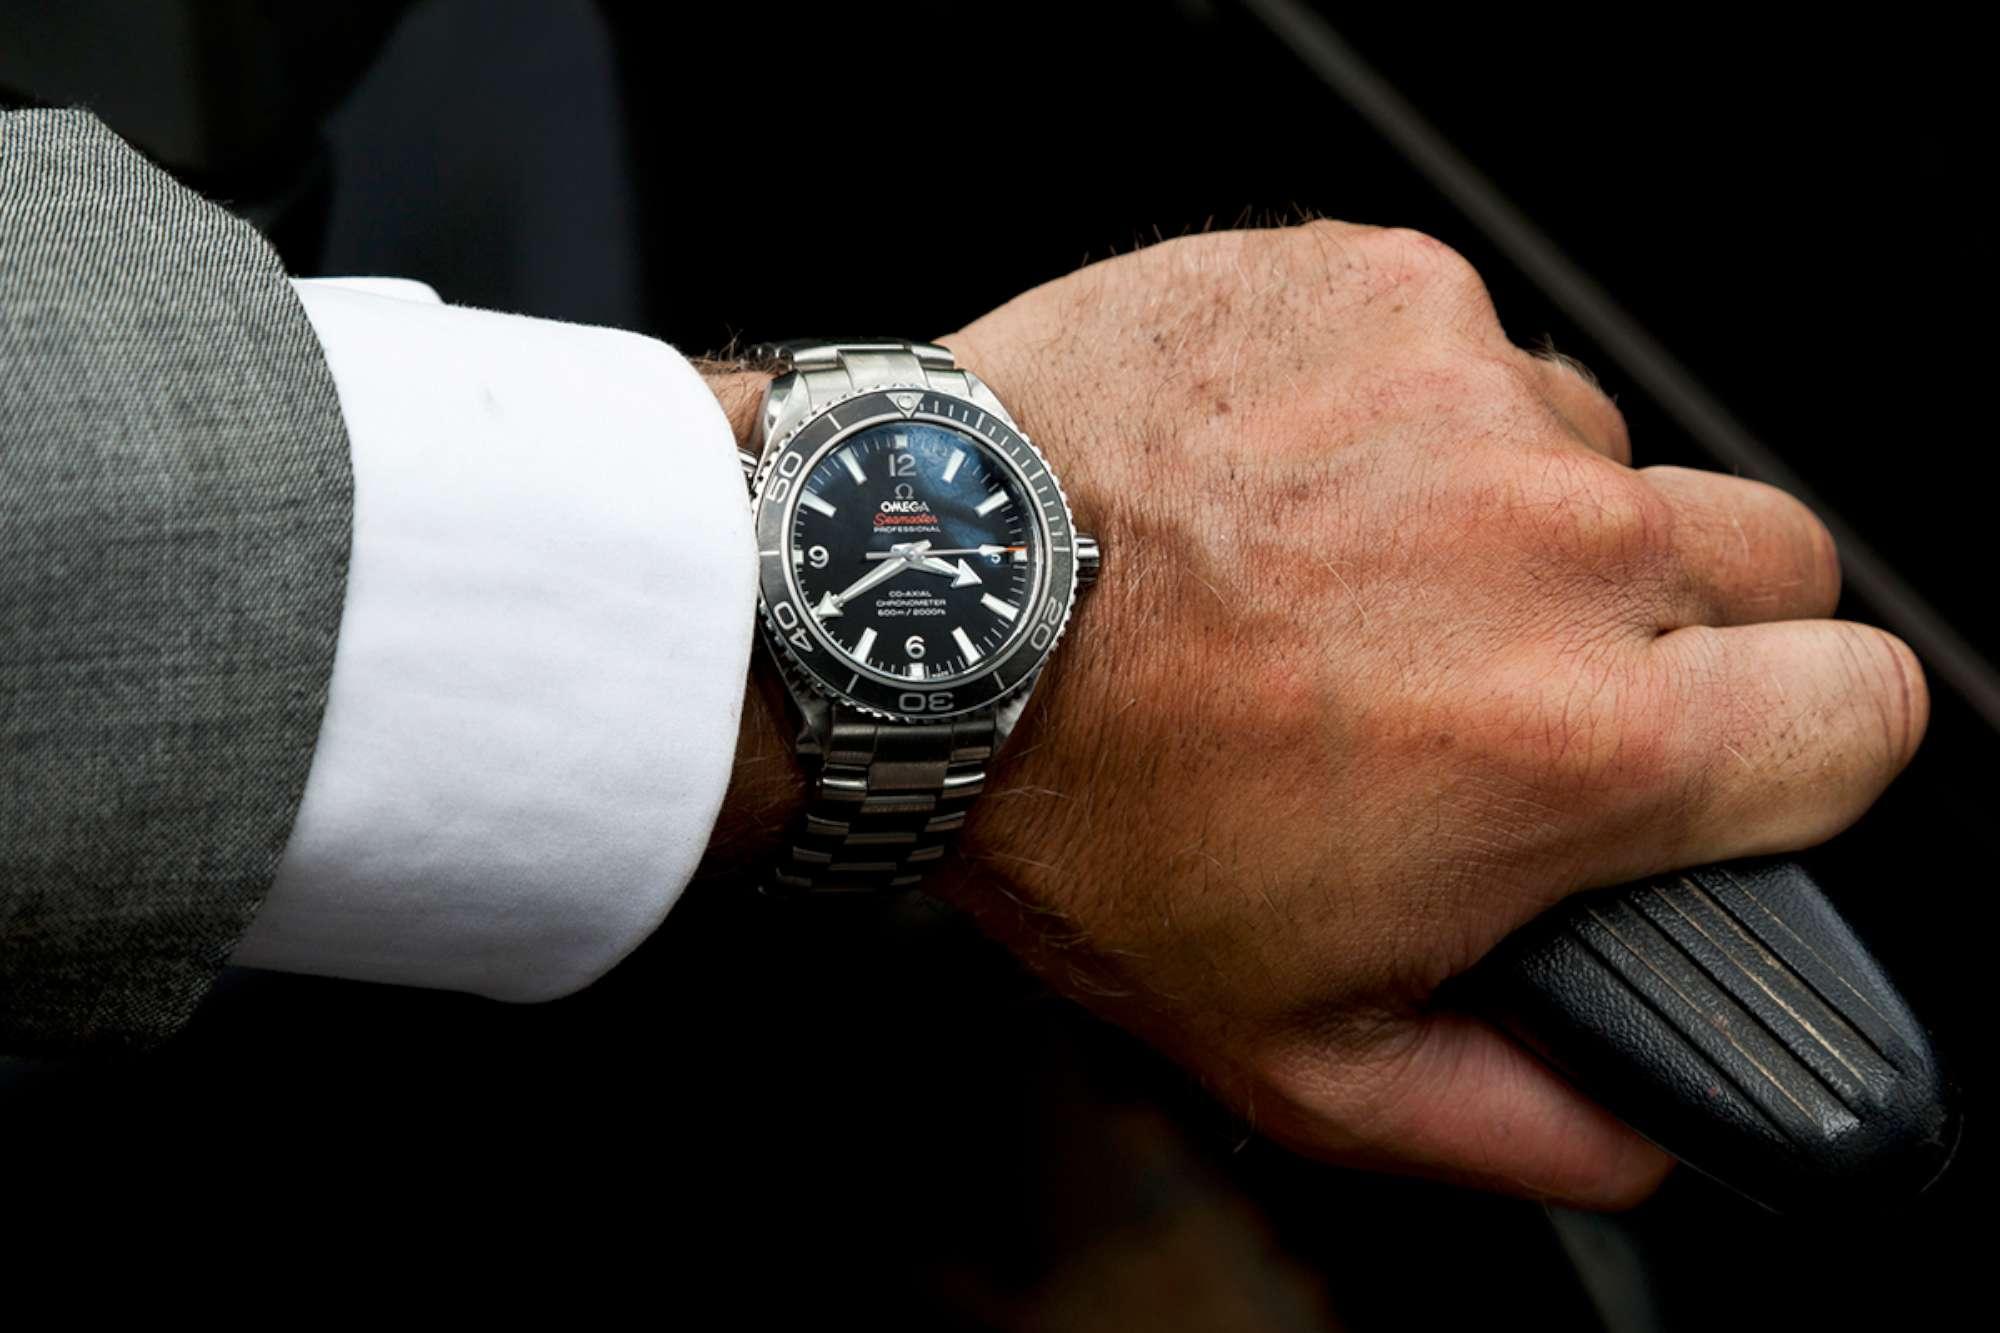 Daniel Craig in SKYFALL wearing OMEGA Seamaster_3-2000